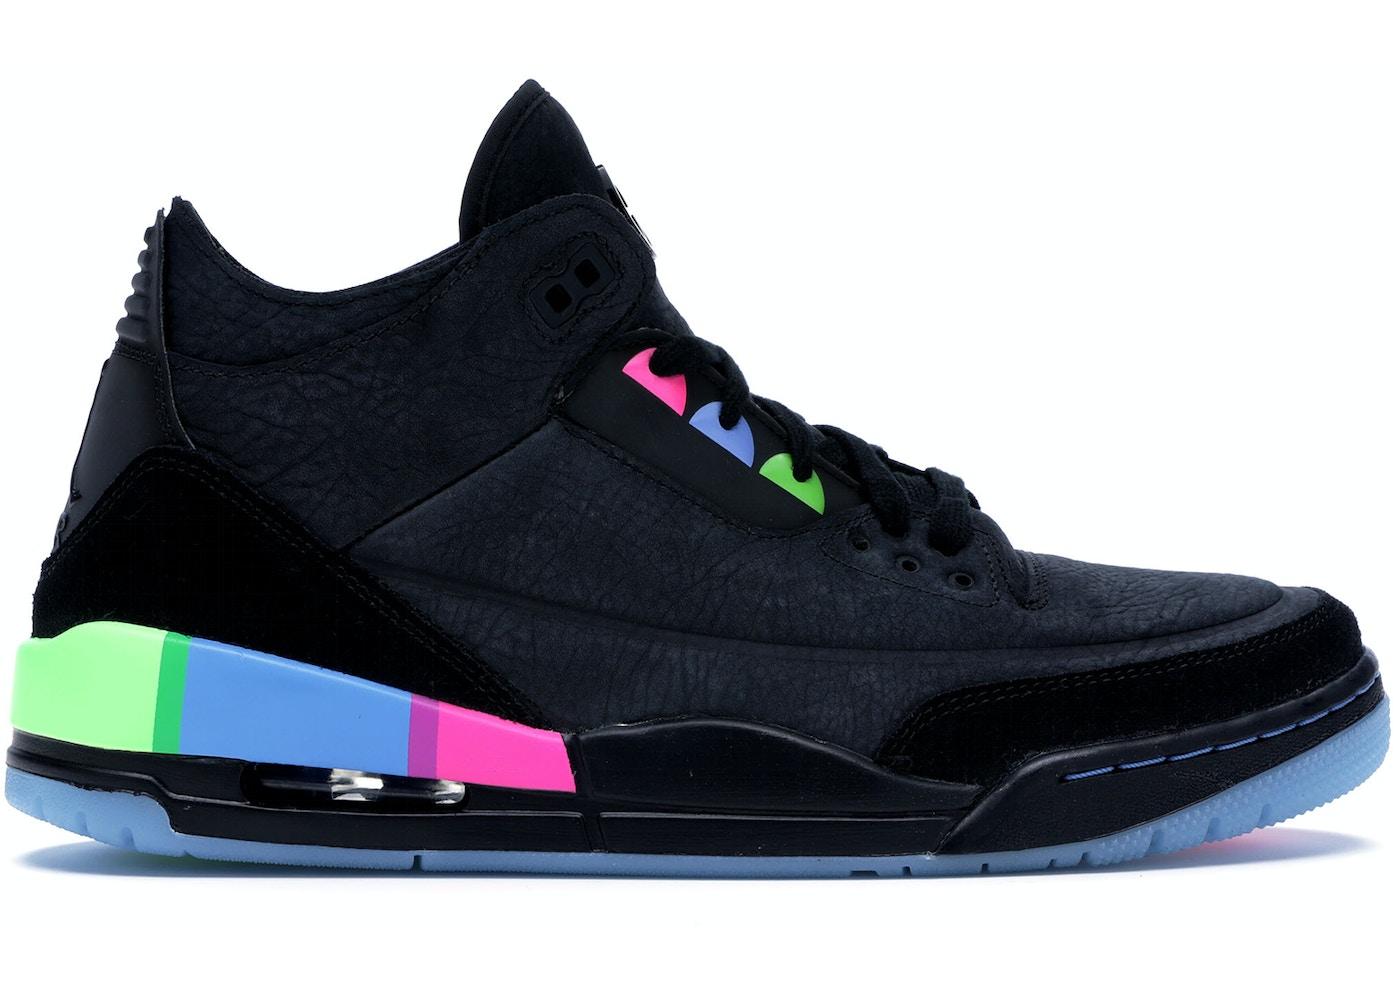 reputable site d9ba5 50bb4 Buy Air Jordan 3 Shoes   Deadstock Sneakers